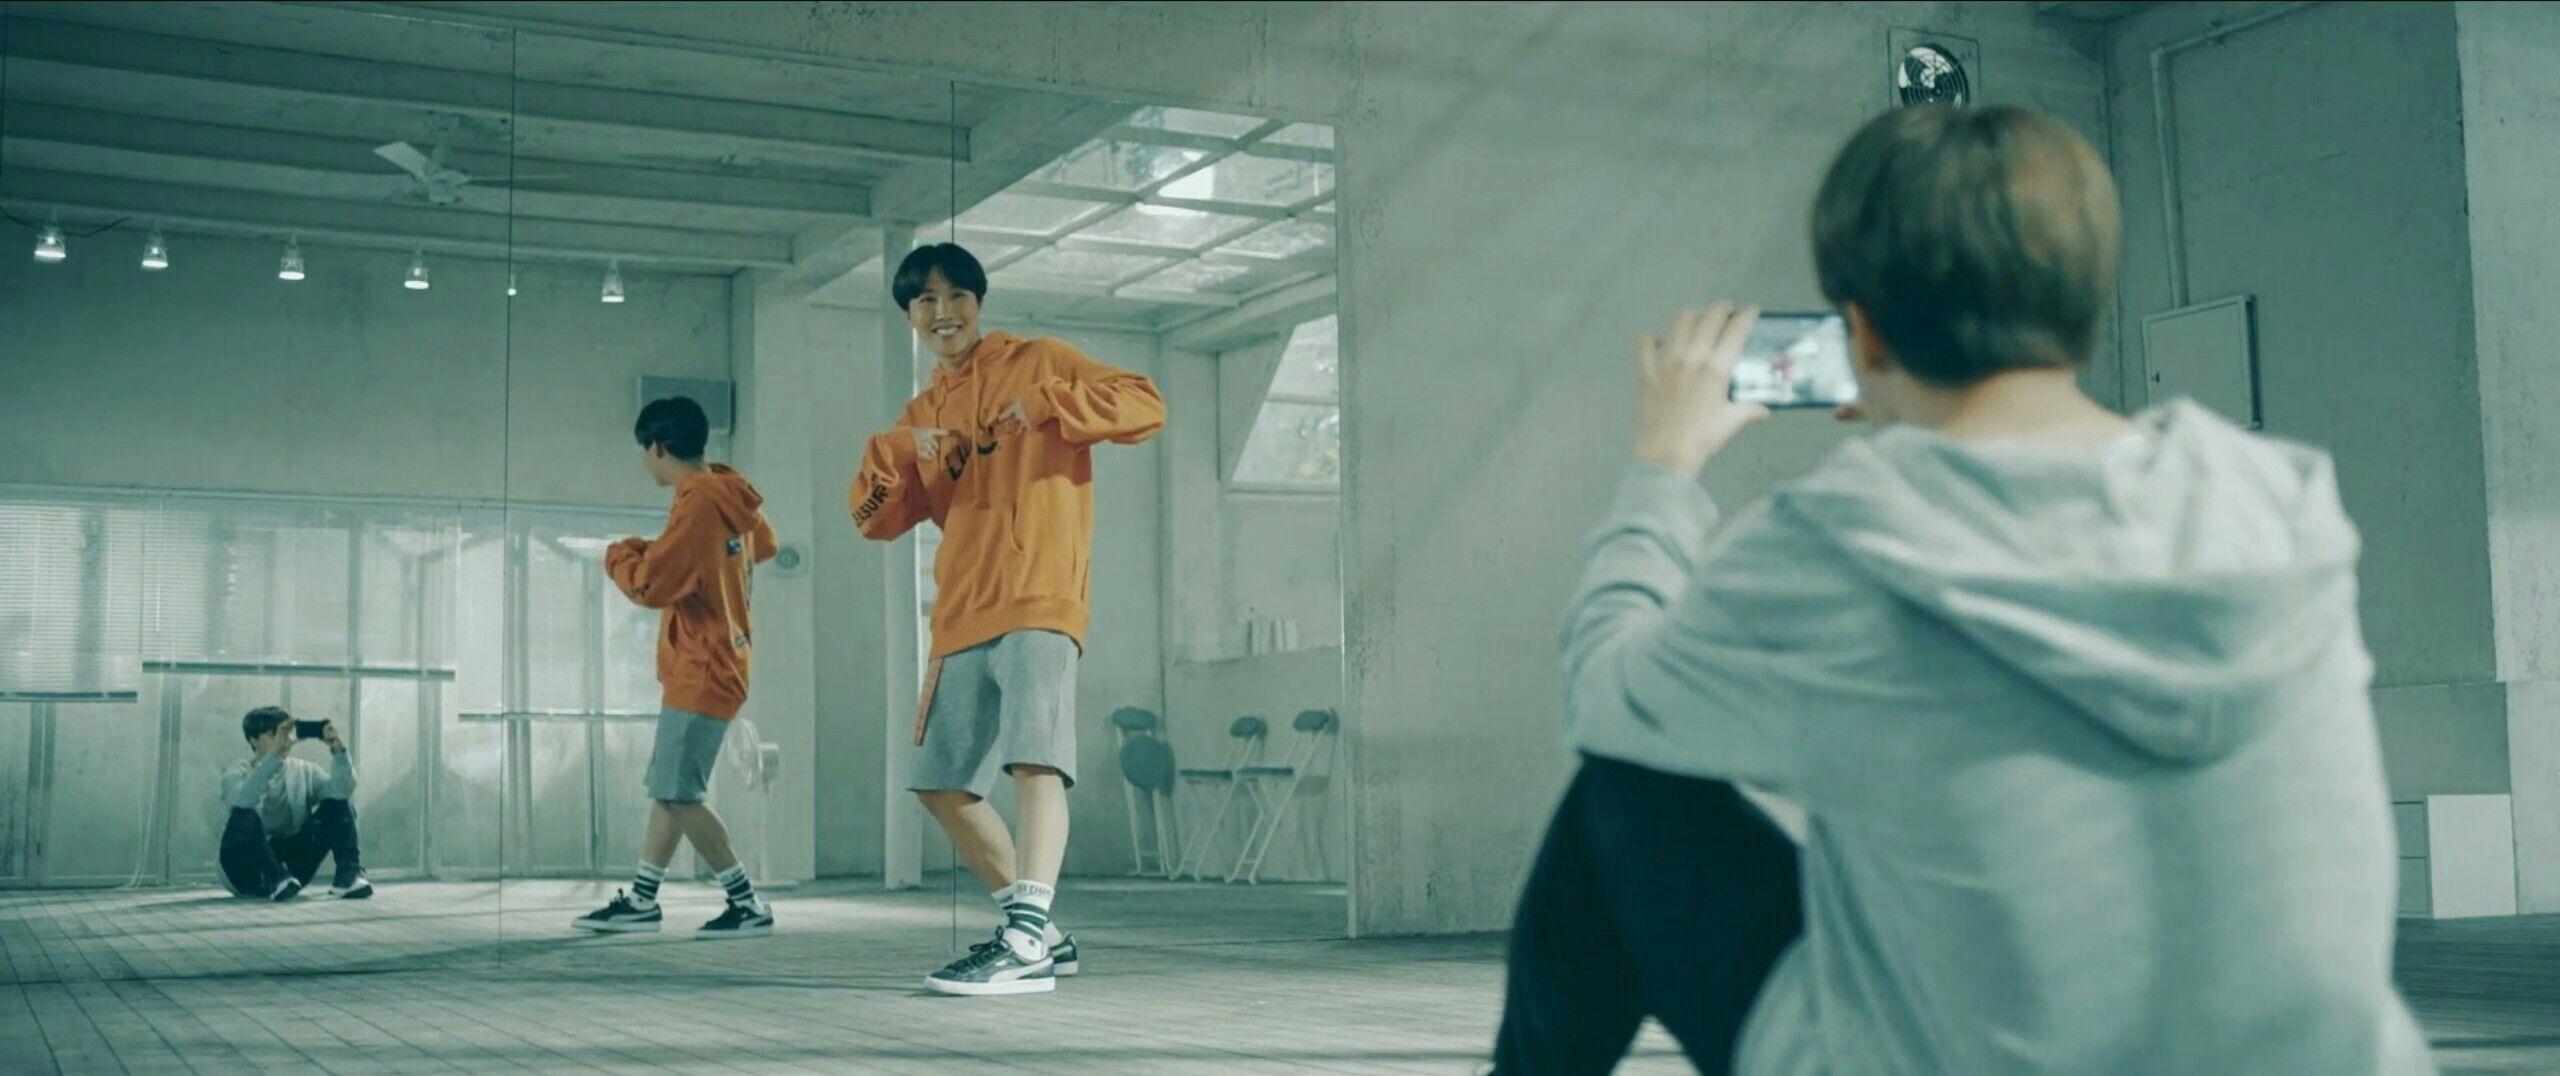 Resultado de imagem para bts love yourself jhope dancing